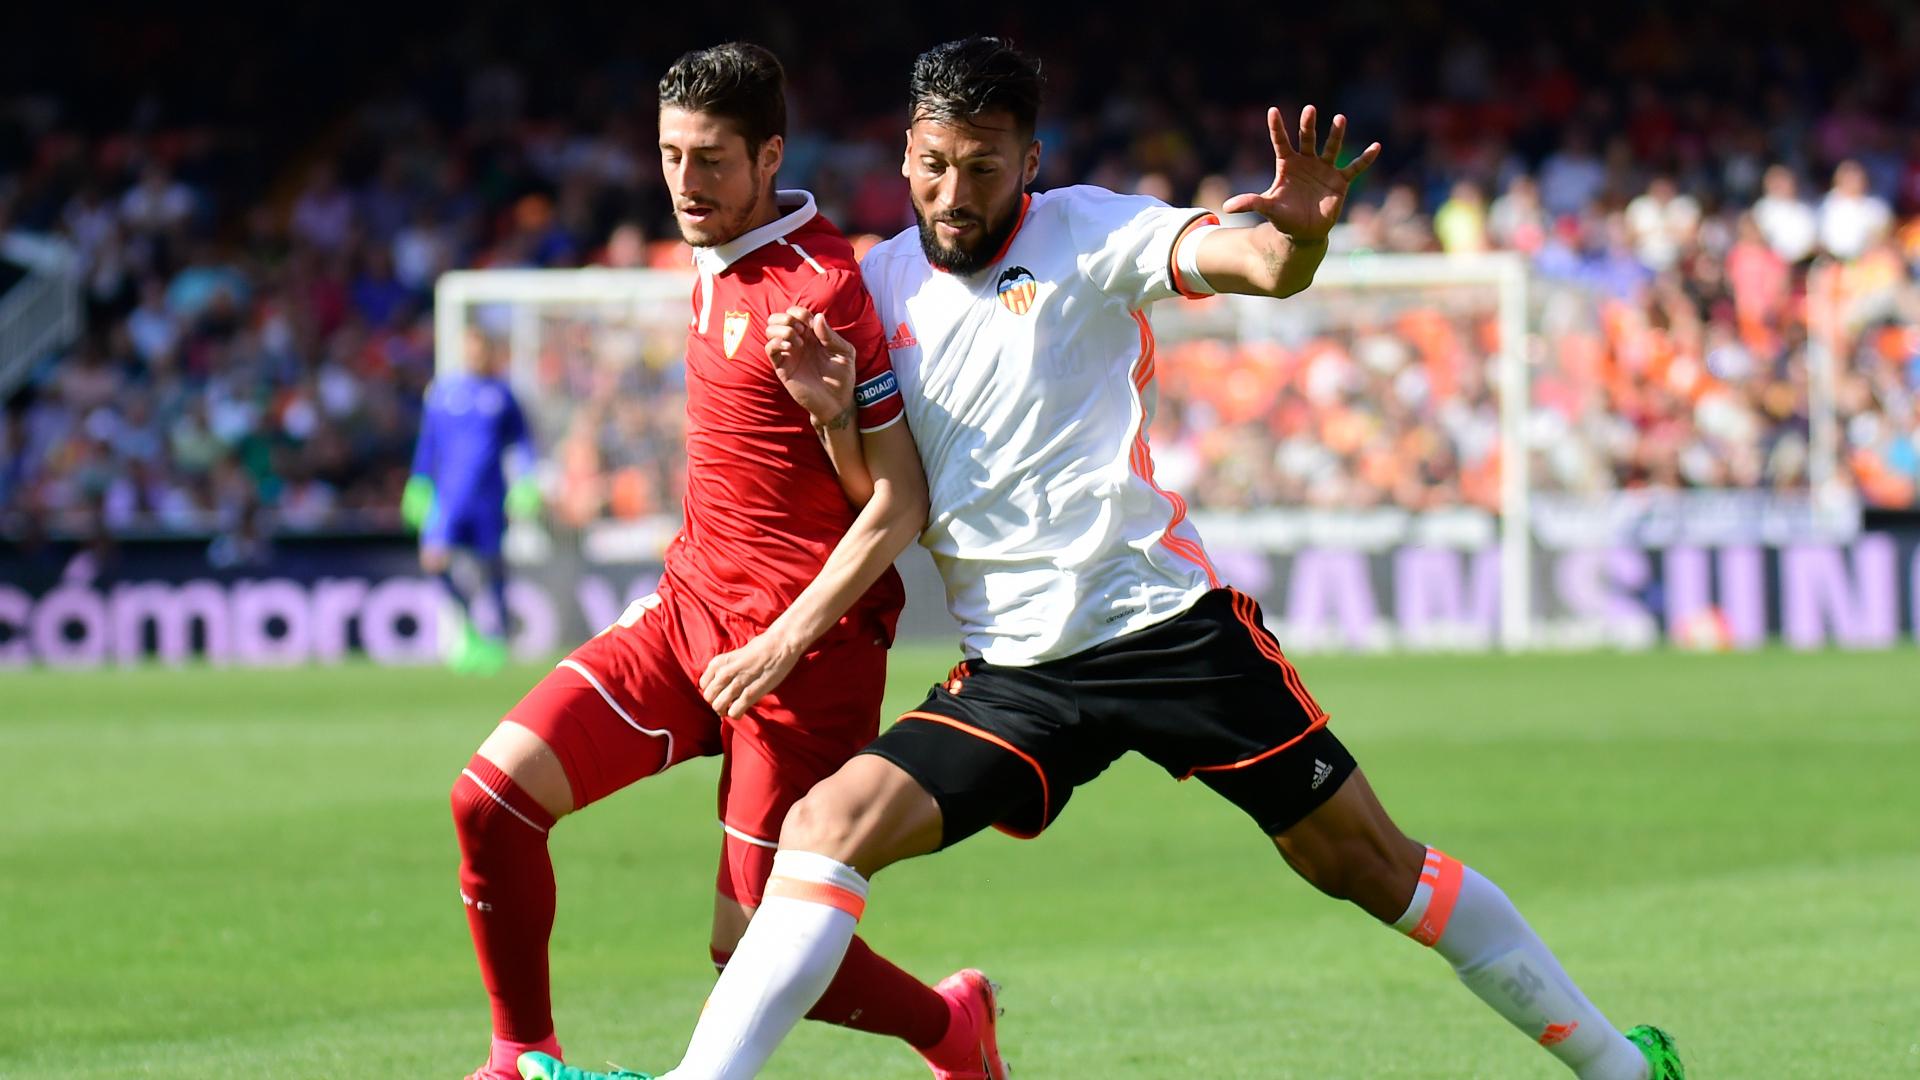 Calciomercato Juventus: in arrivo un super colpo dopo Matuidi